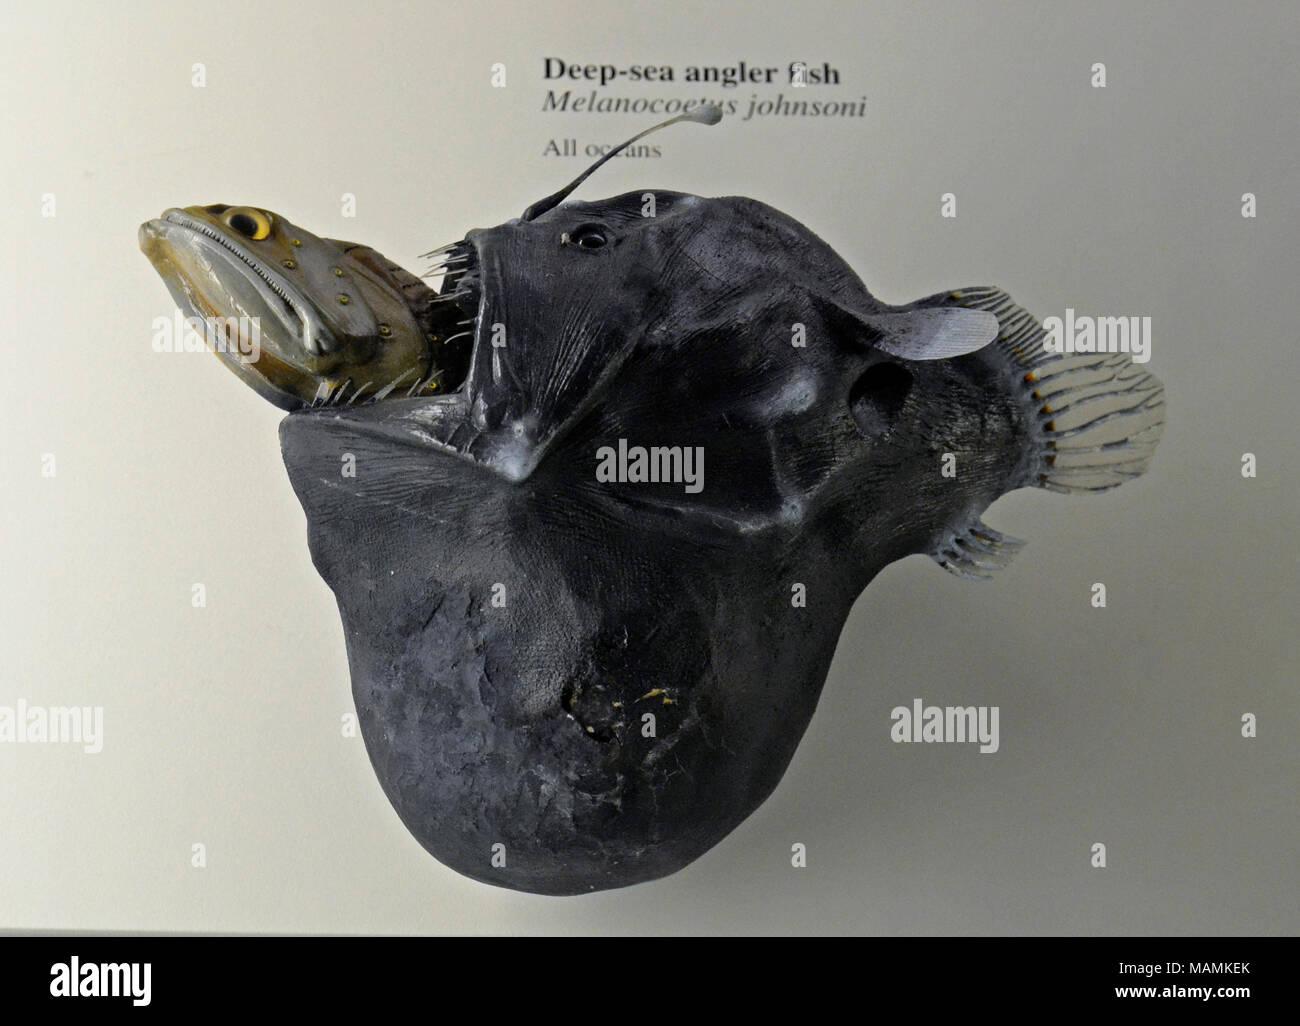 Deep sea angler fish swallowing another fish at the Natural History Museum at Tring, UK. - Stock Image